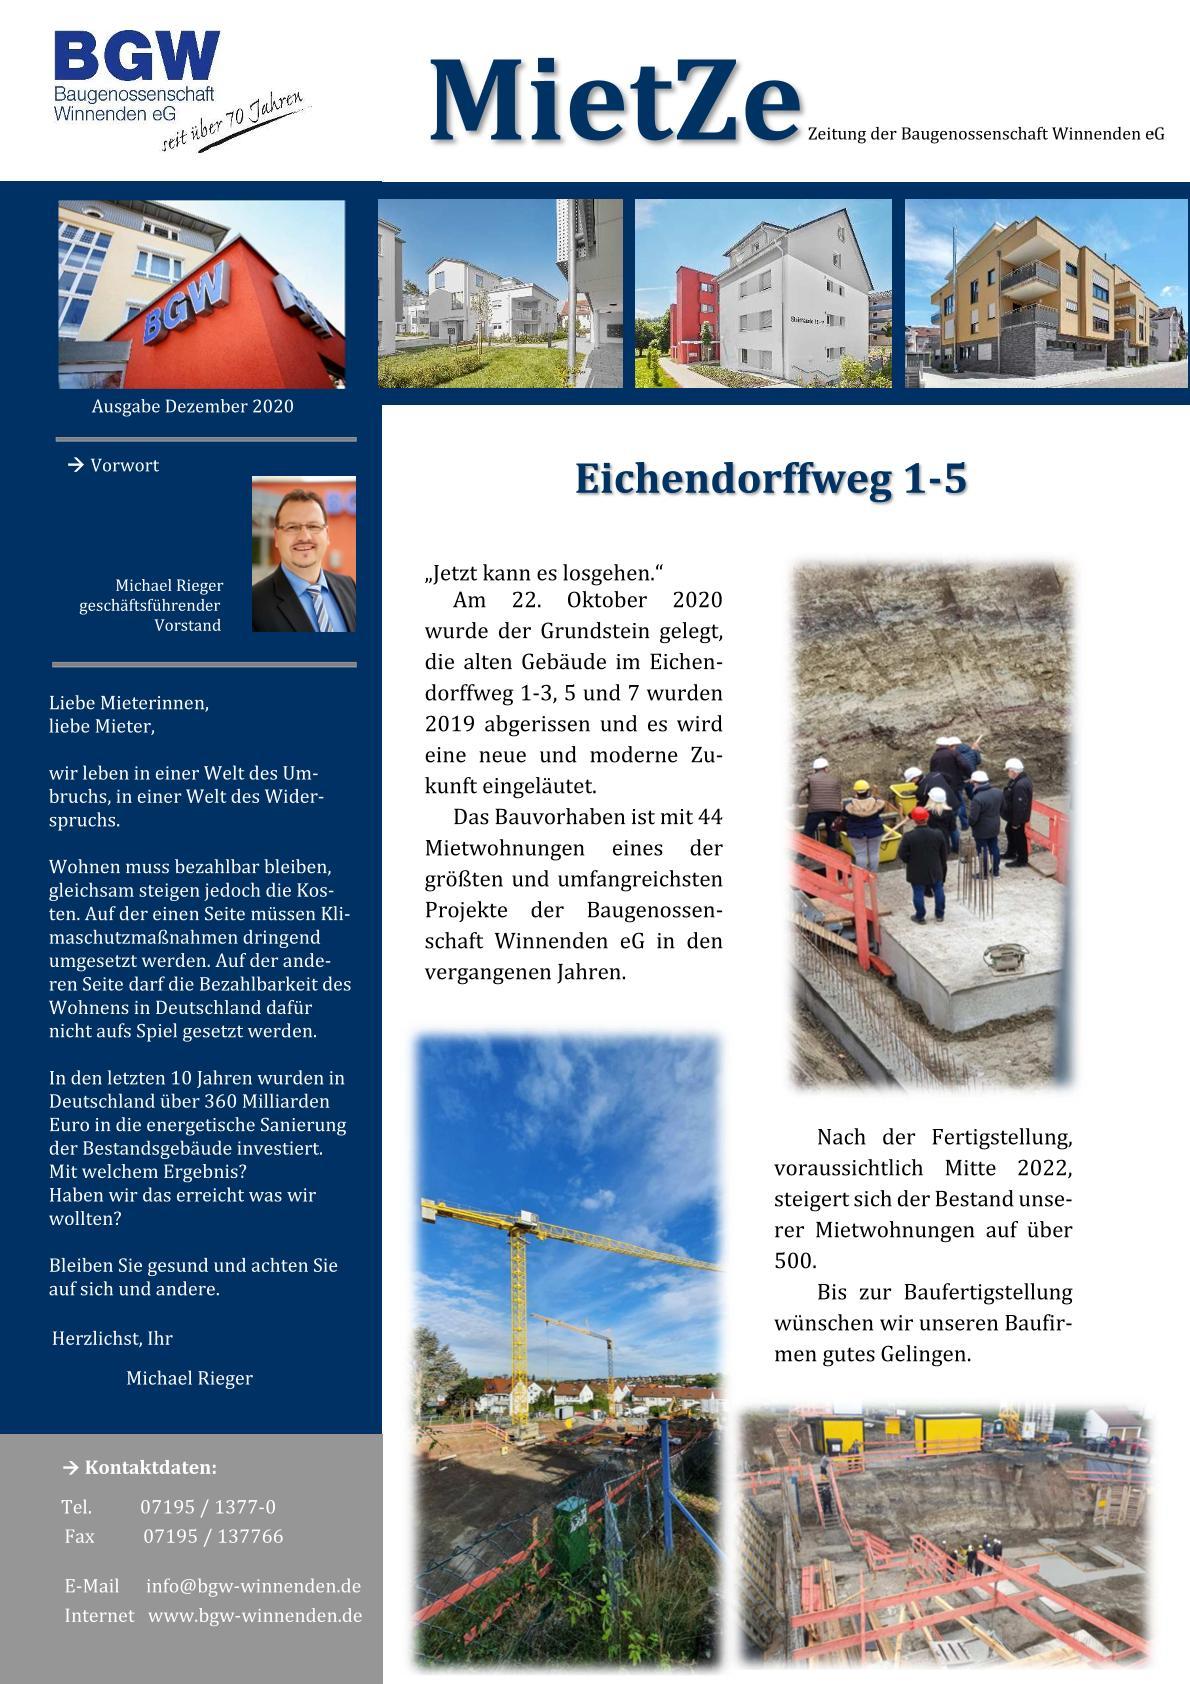 Deckblatt Mietze 2020 - Infos